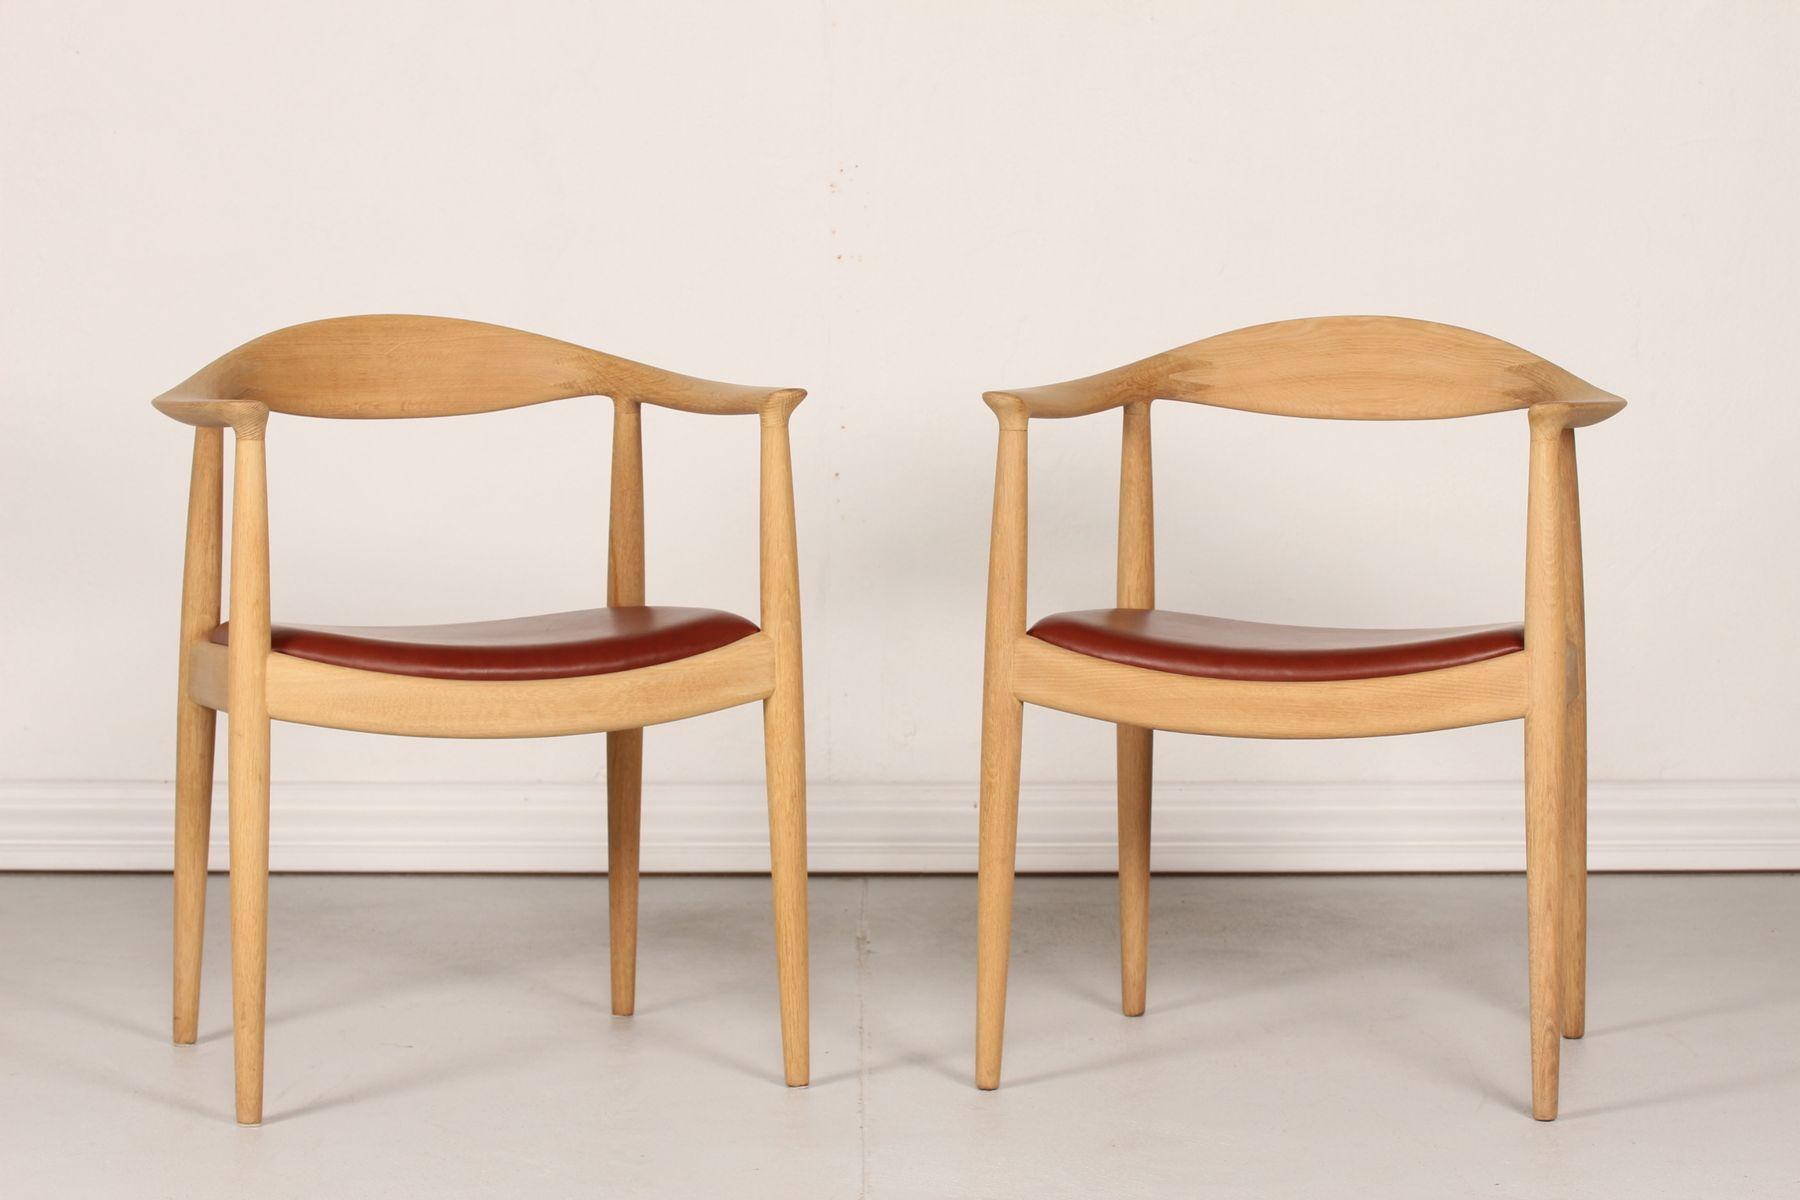 JH 503 The Chair by Hans J Wegner for Johannes Hansen Copenhagen